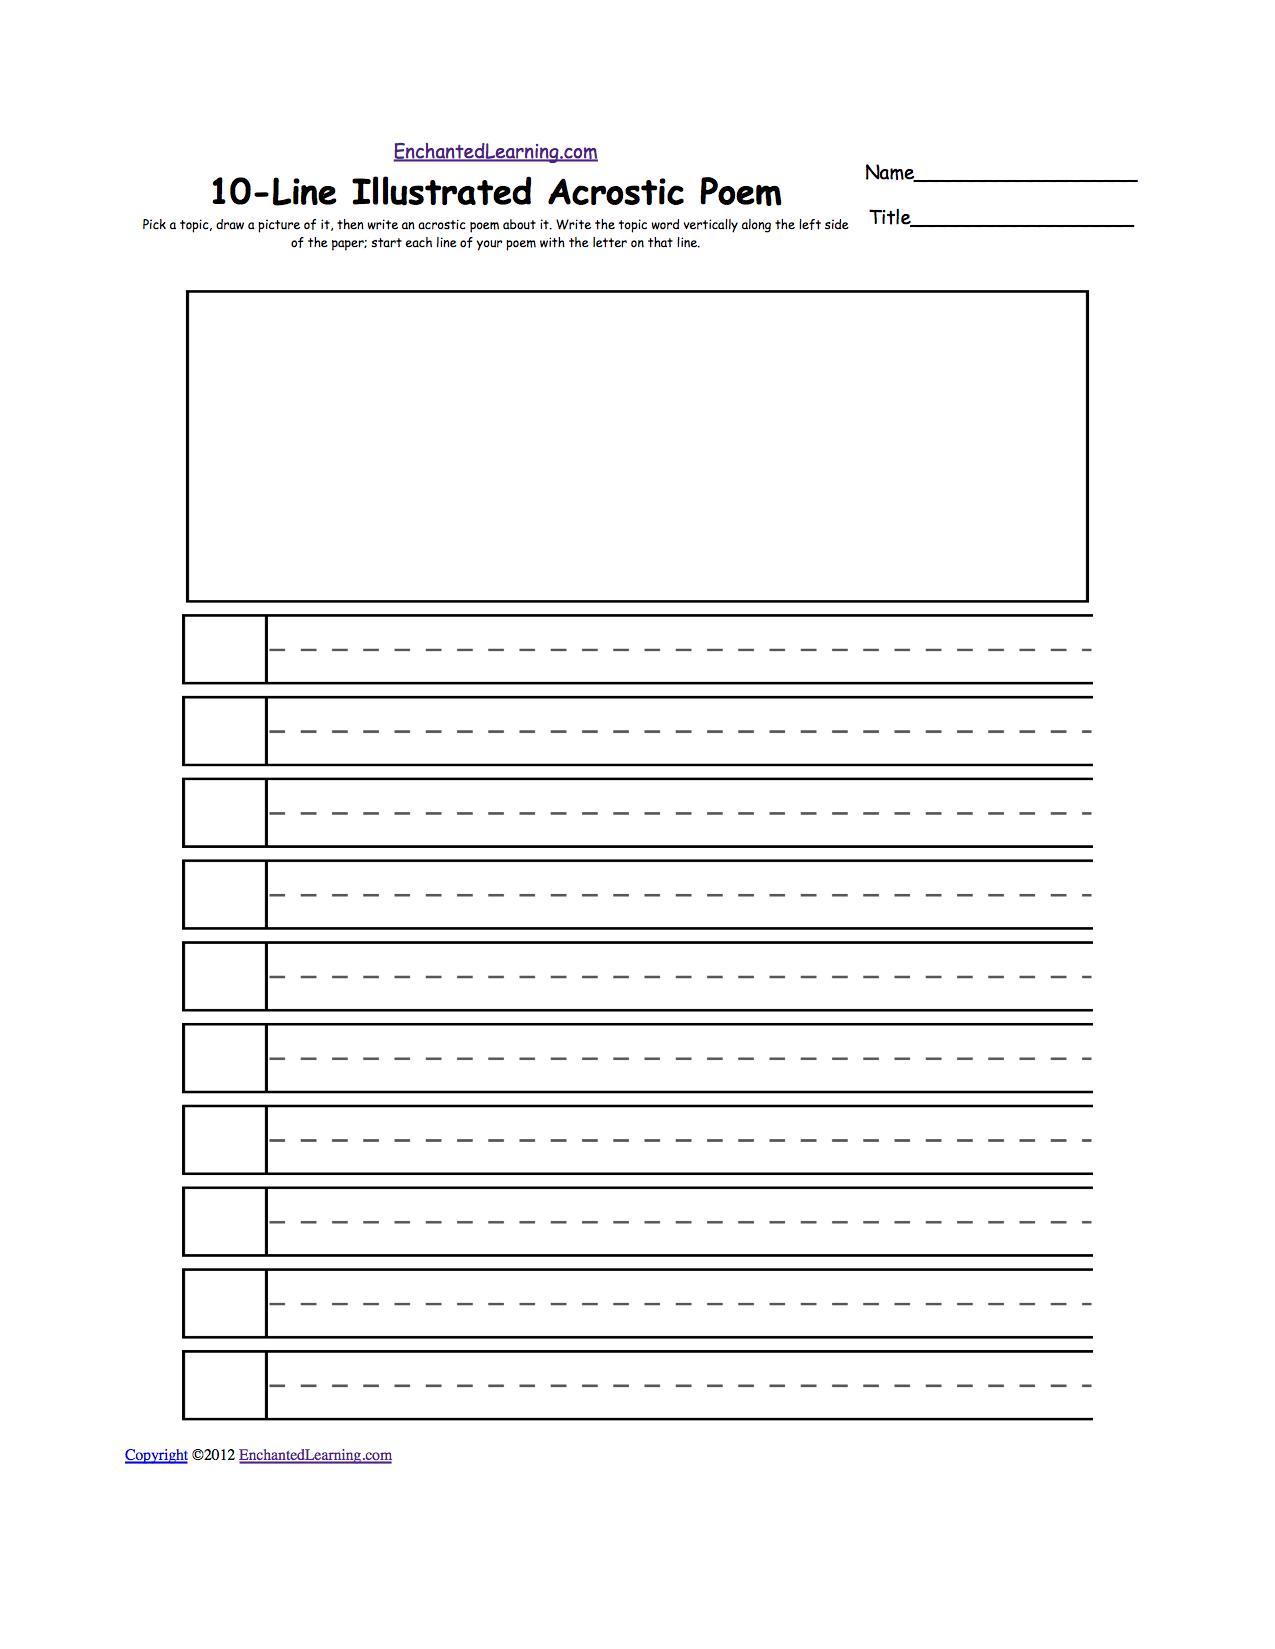 blank illustrated acrostic poem worksheets handwriting lines worksheet printout. Black Bedroom Furniture Sets. Home Design Ideas